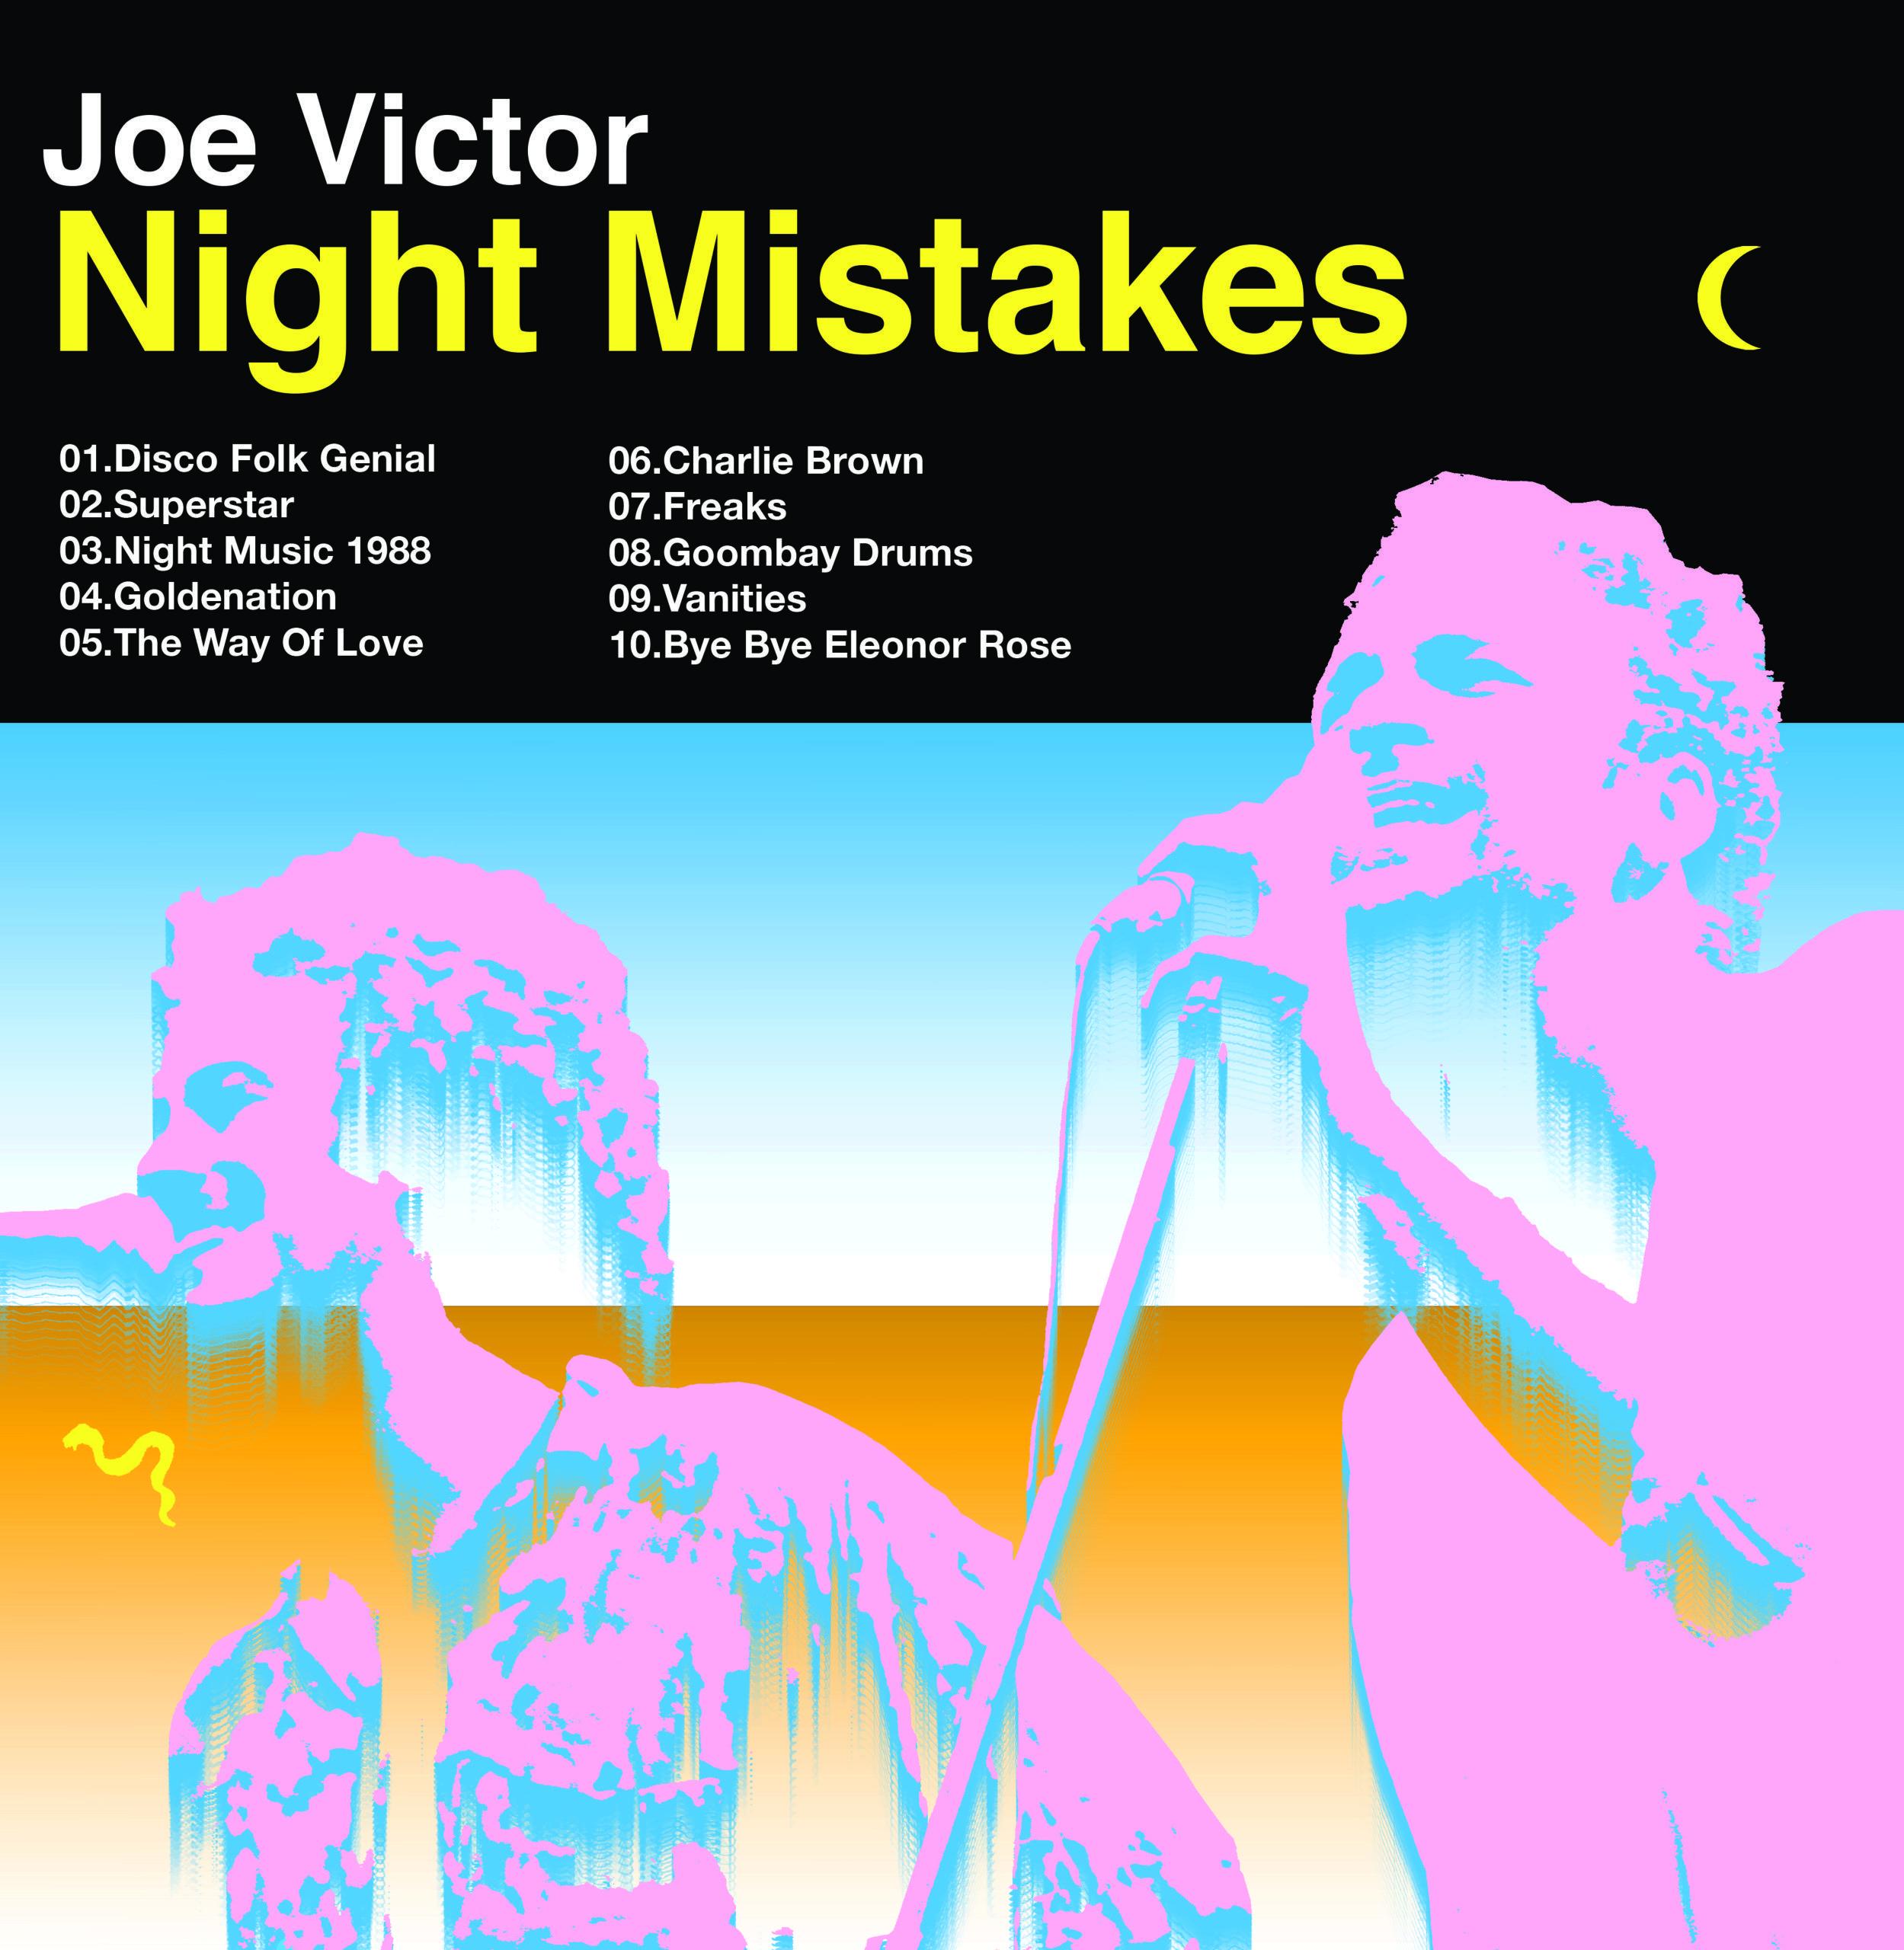 Il nuovo disco dei Joe Victor racchiude il divertimento, i Night Mistakes e gli Anni 70